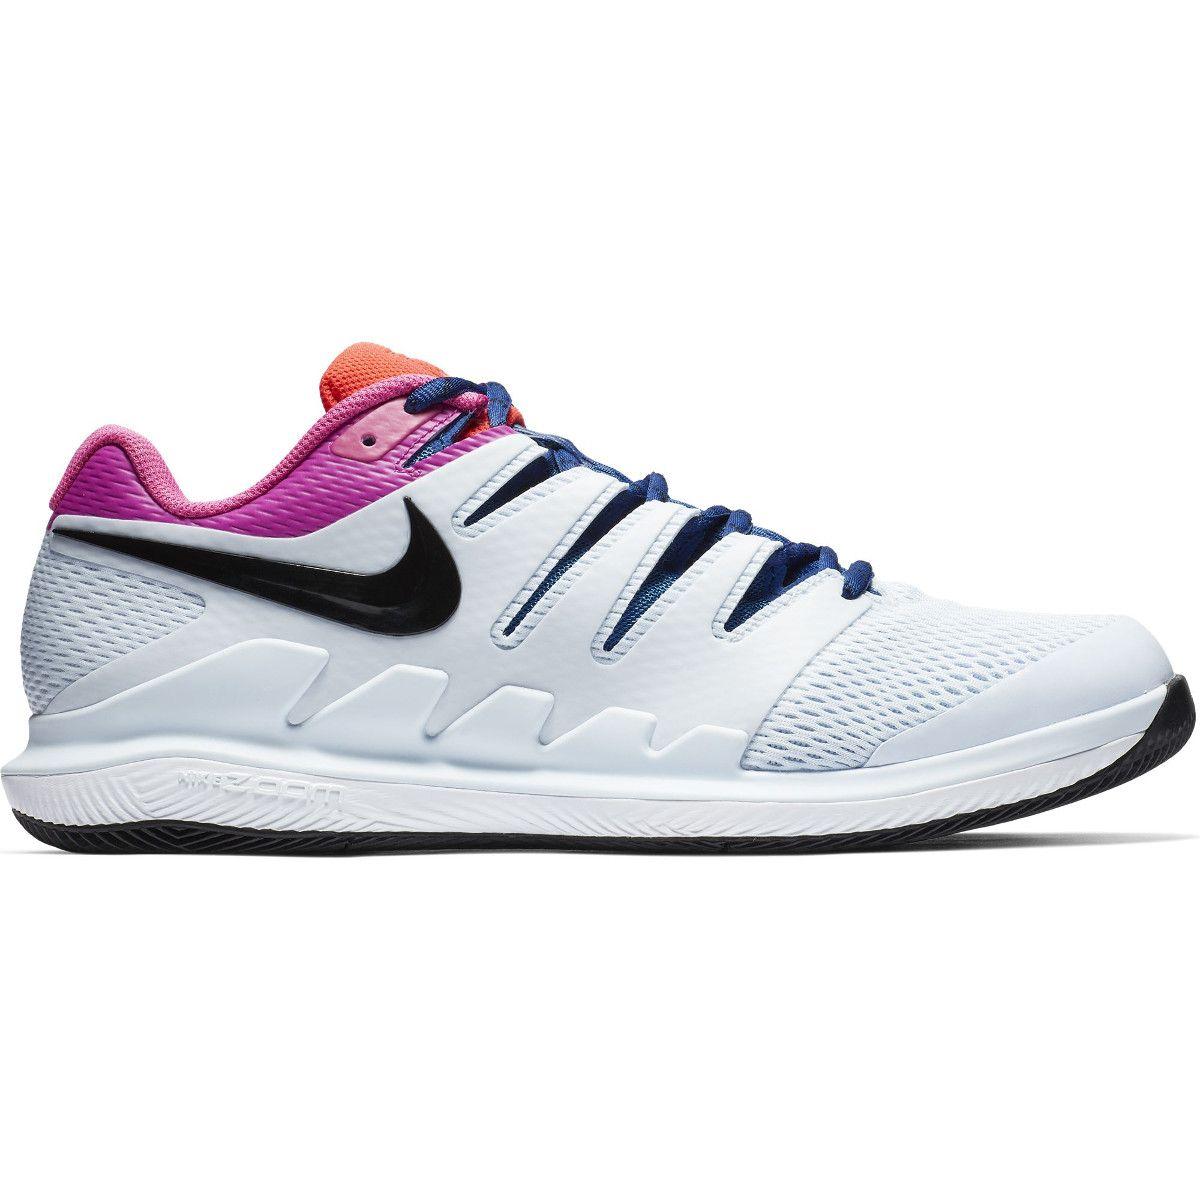 Nike Air Zoom Vapor X Junior Tennis Shoes